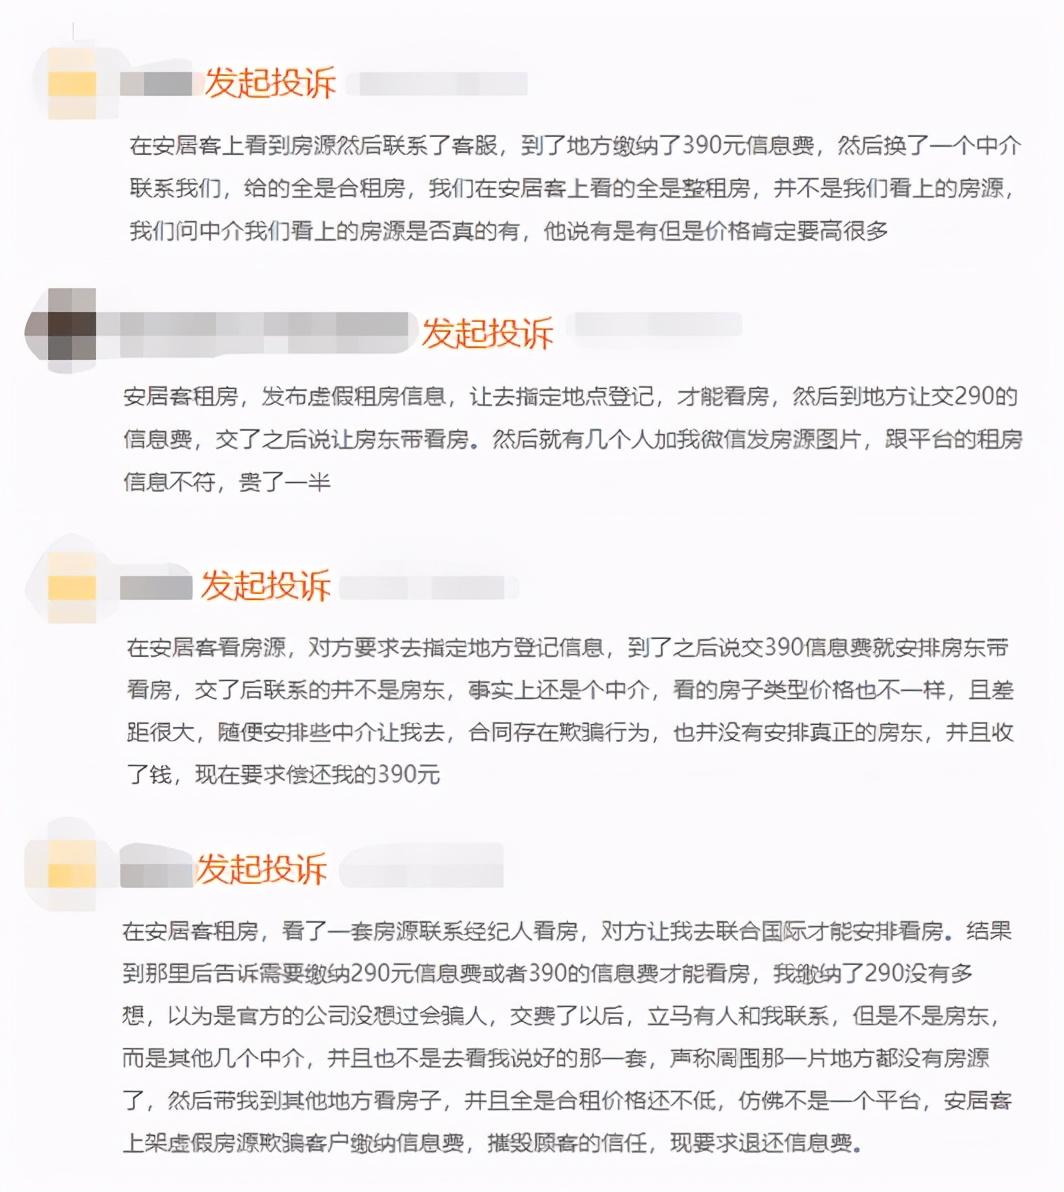 """安居客因""""虚假房源""""频遭用户投诉 审核系统亟待完善"""